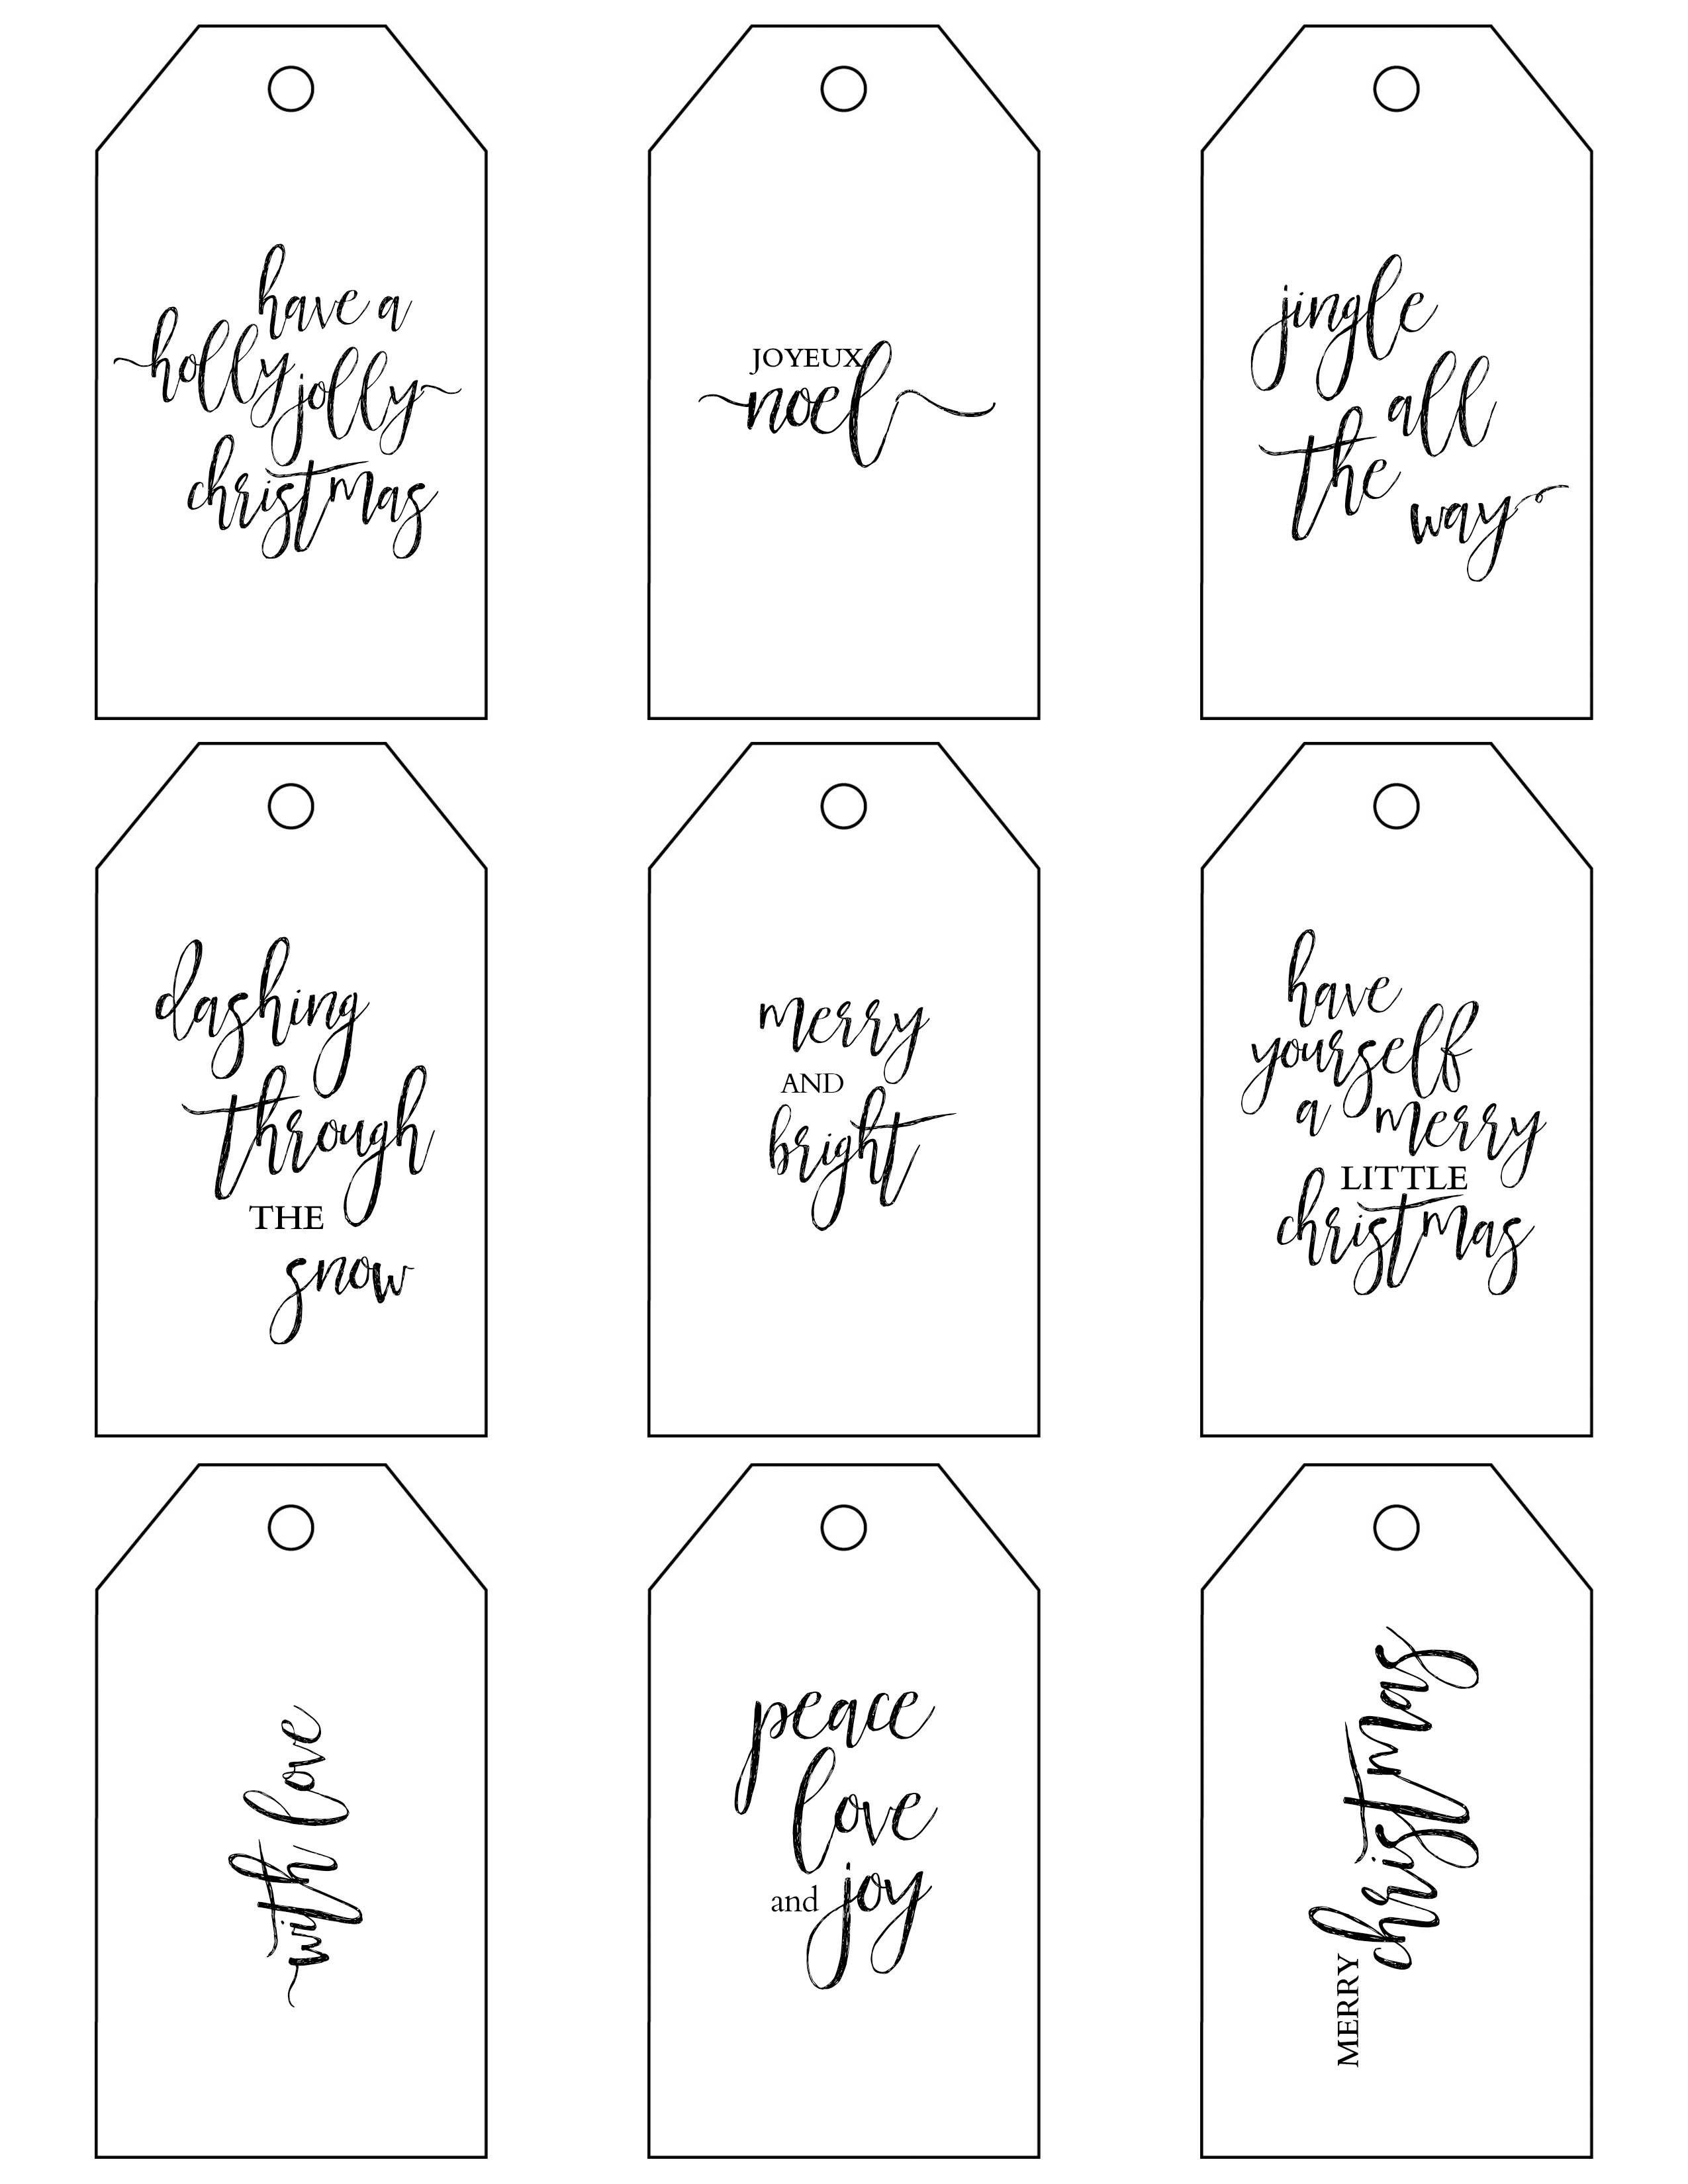 Printable Christmas Gift Tags Make Holiday Wrapping Simple - Free Printable Christmas Price Tags